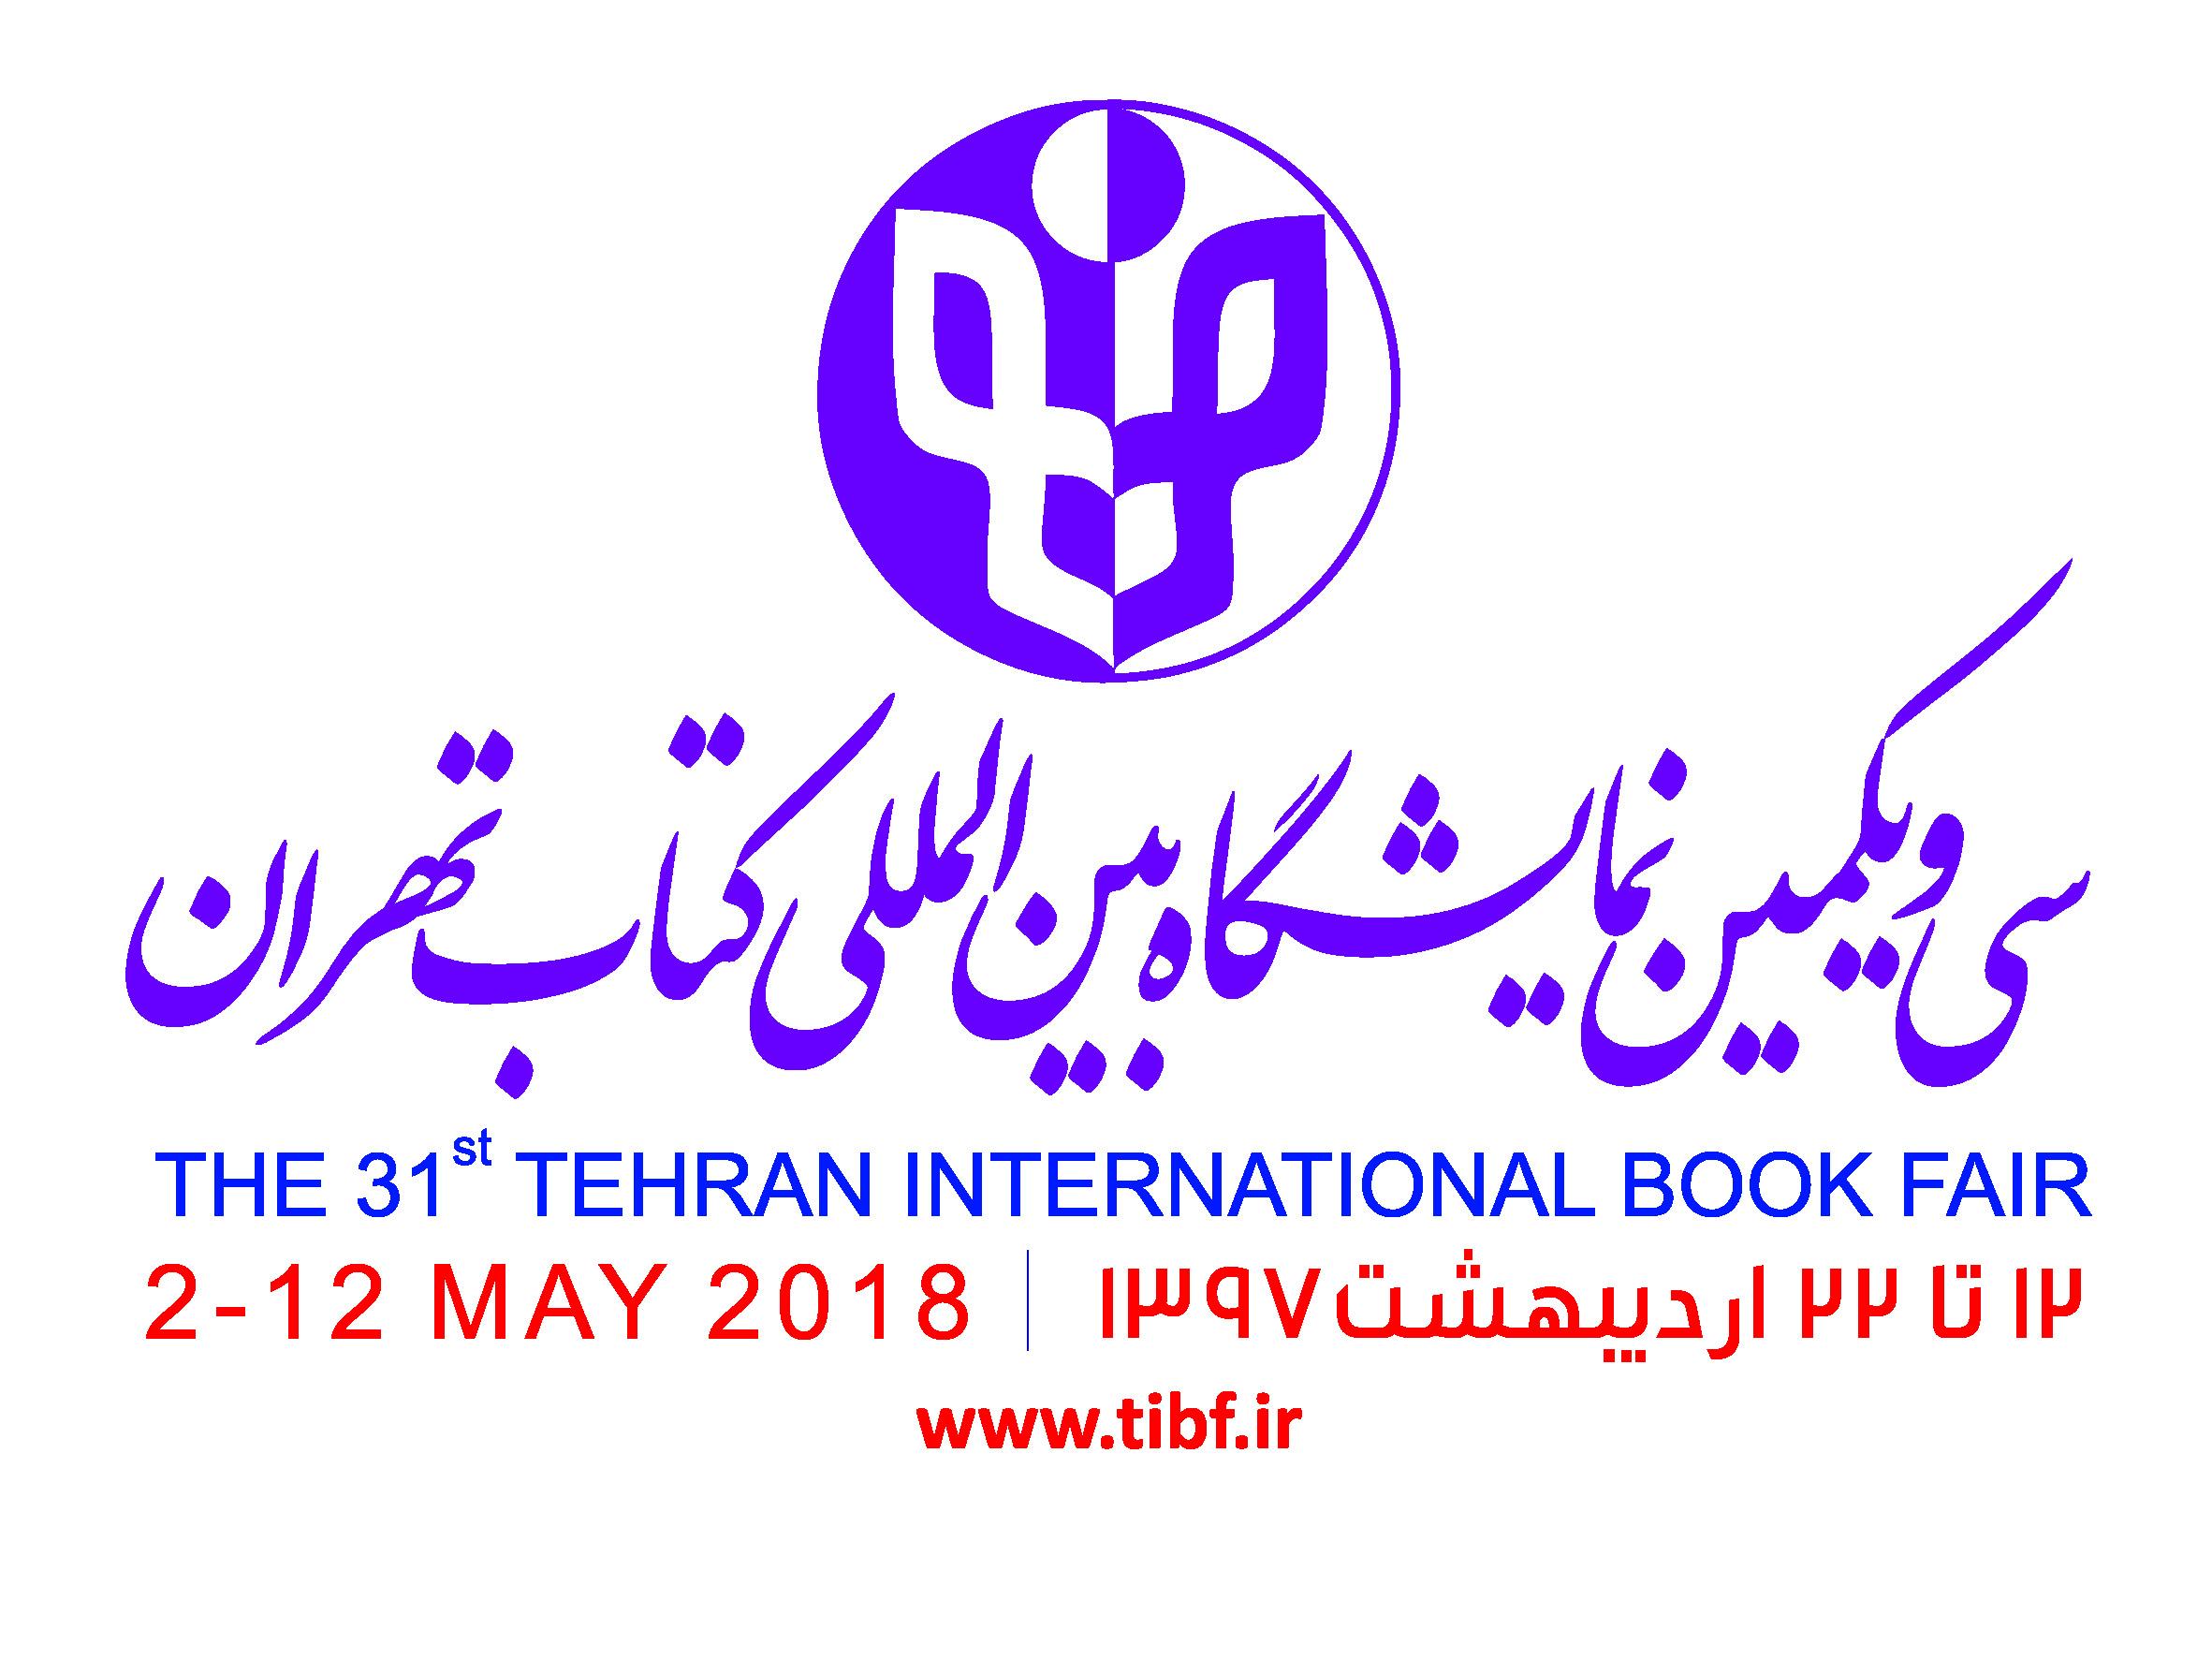 برگزاری نمایشگاه کتاب دانشگاه علوم انتظامی امین در سی و یکمین نمایشگاه بین المللی کتاب تهران